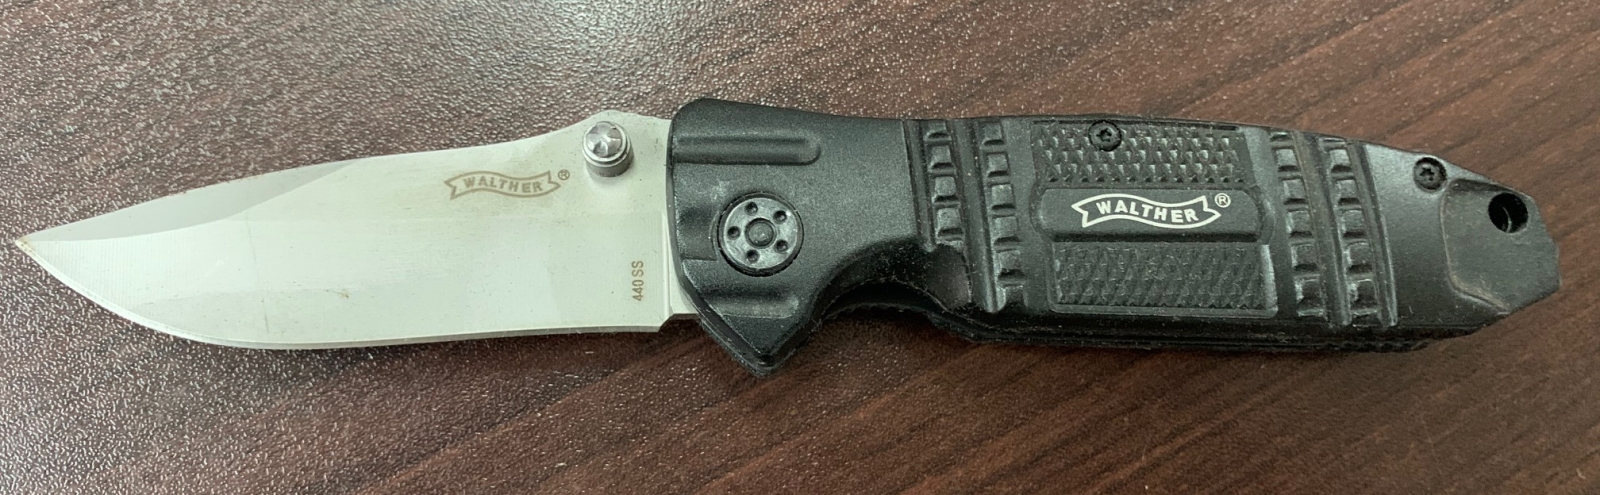 Складной нож Walther с темной рукояткой